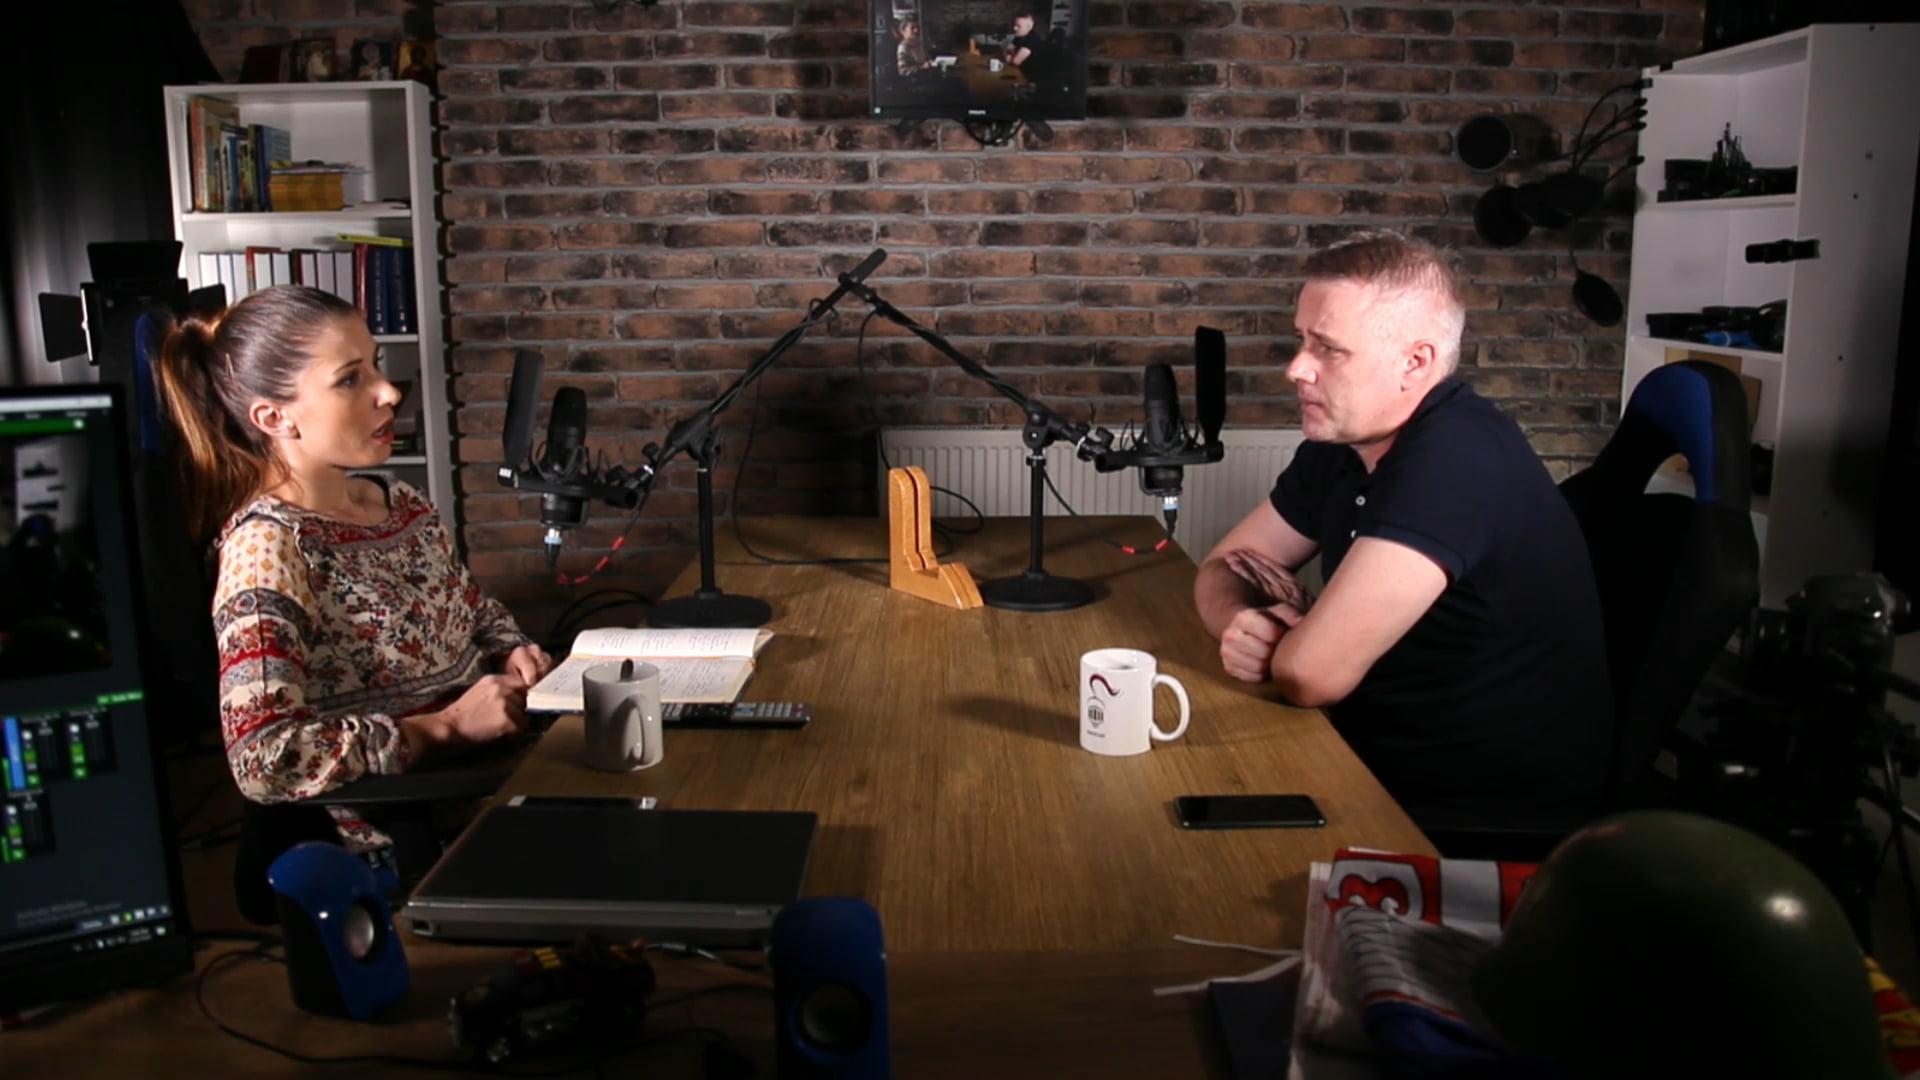 Игор Јурић: Коме смета ЈАВНИ регистар педофила? (Видео)